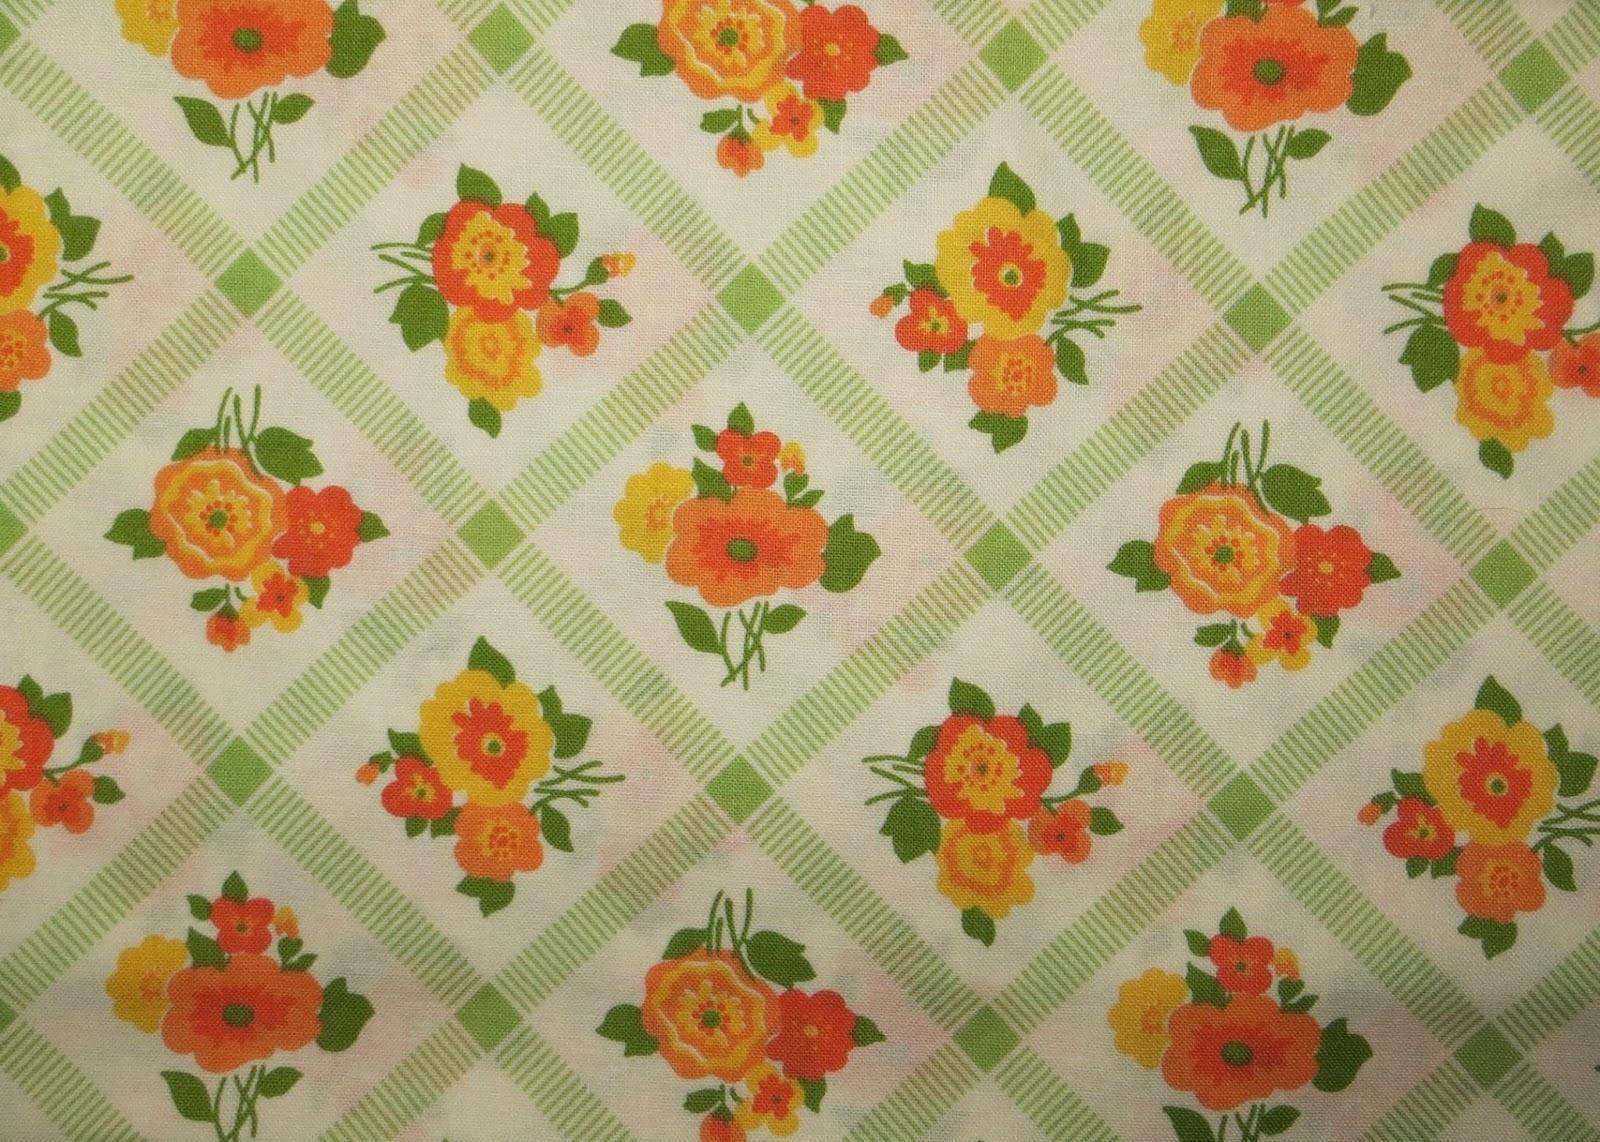 Vintage Kitchen Design Fabric